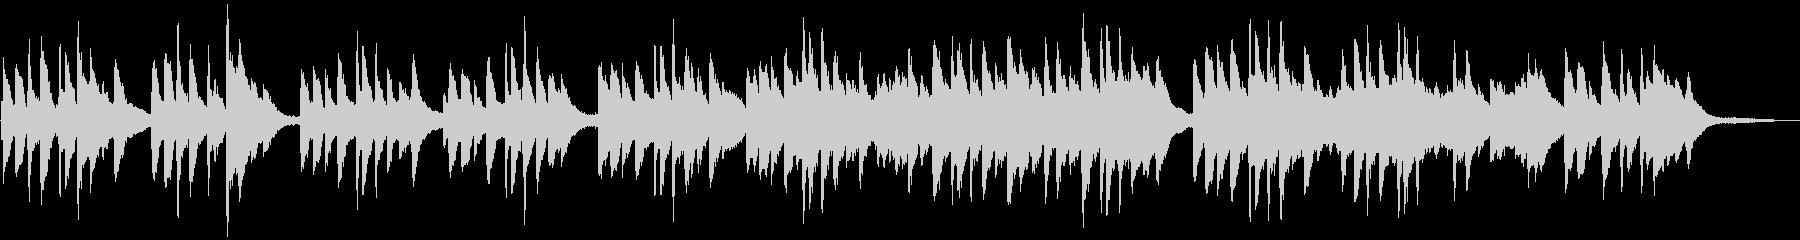 優しくシンプル レトロ・アナログなピアノの未再生の波形